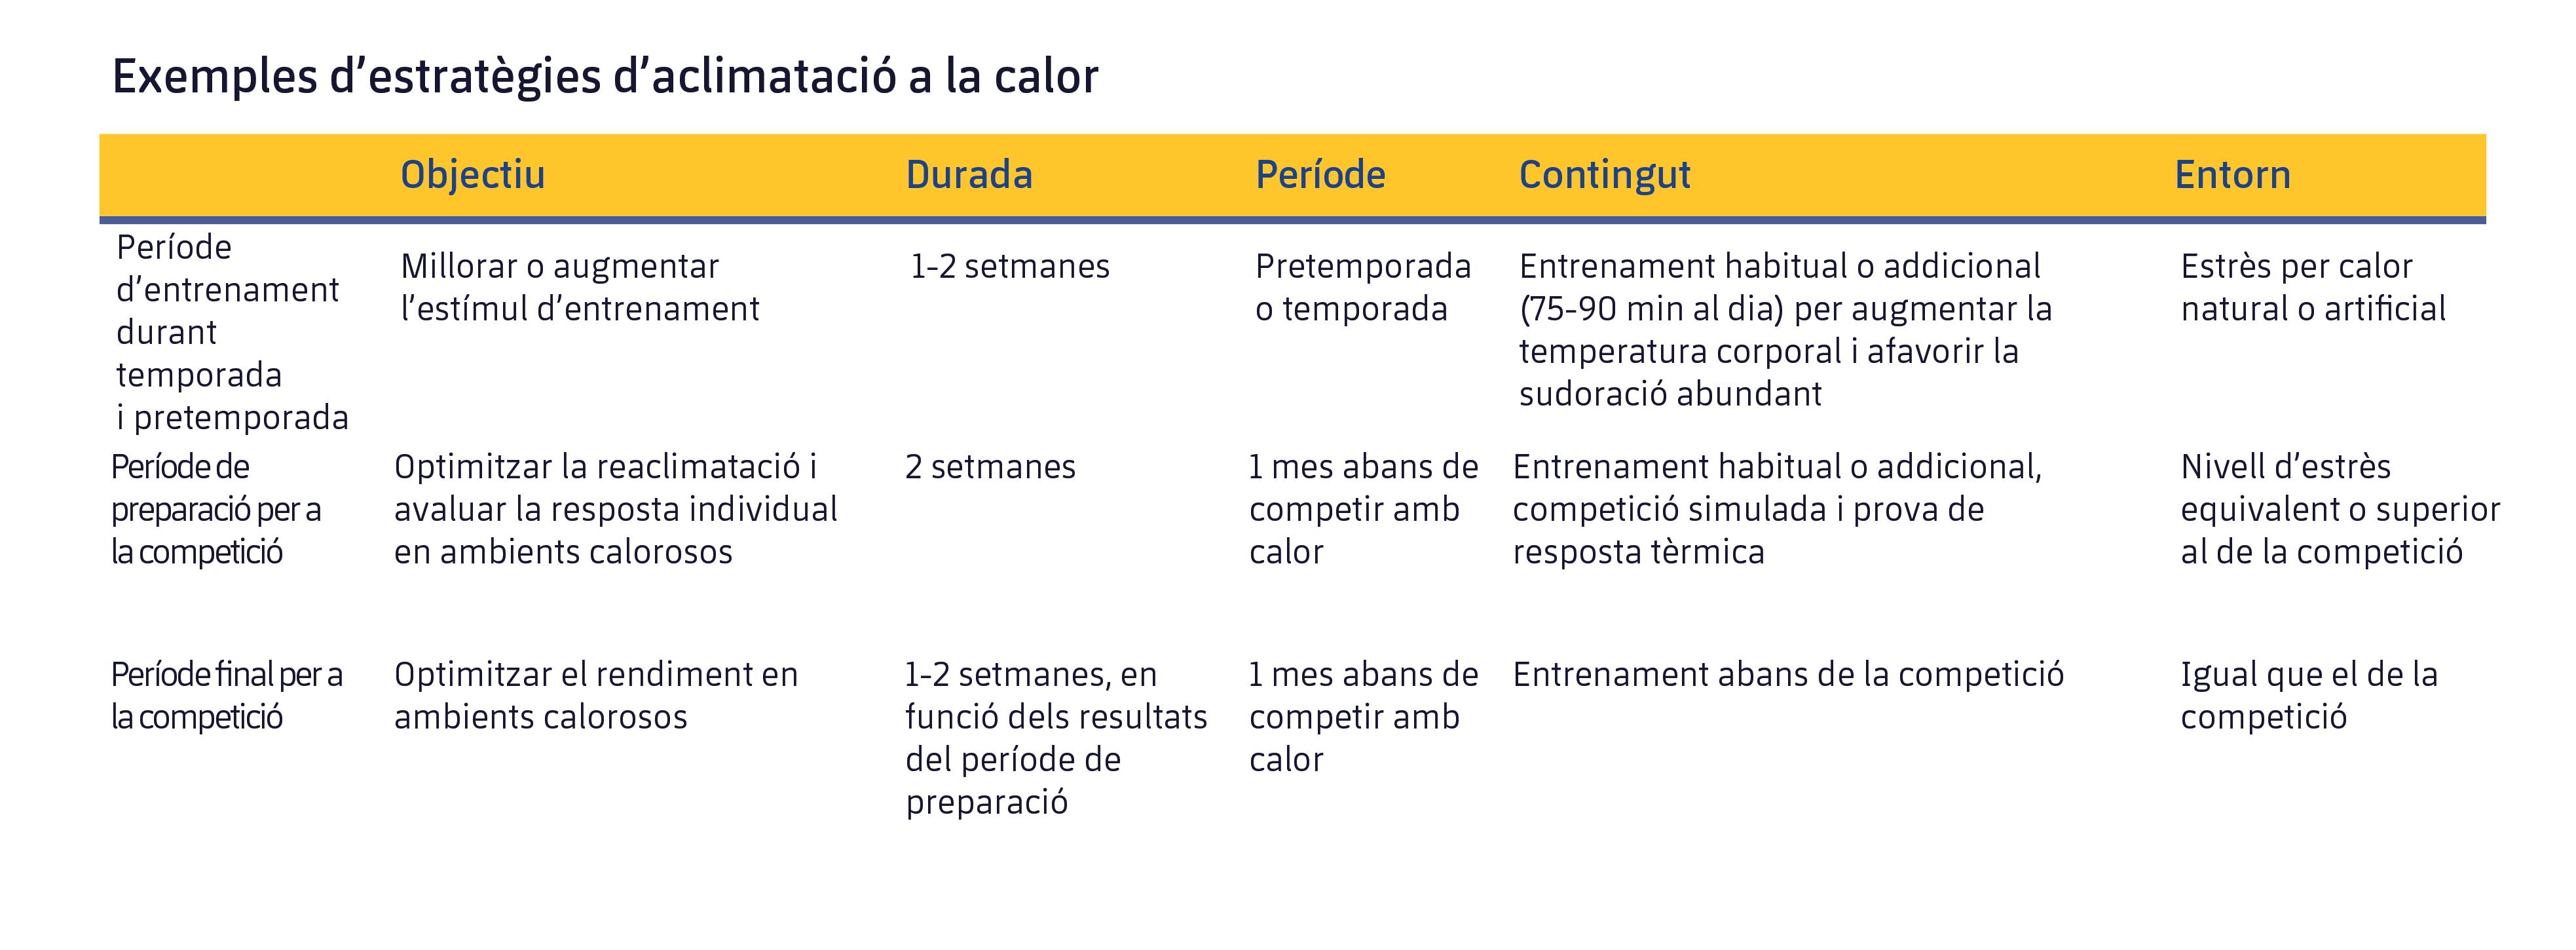 Figura 2. Estratègies per optimitzar l'aclimatació abans d'una competició. Modificat de Racinais et al. (2015).